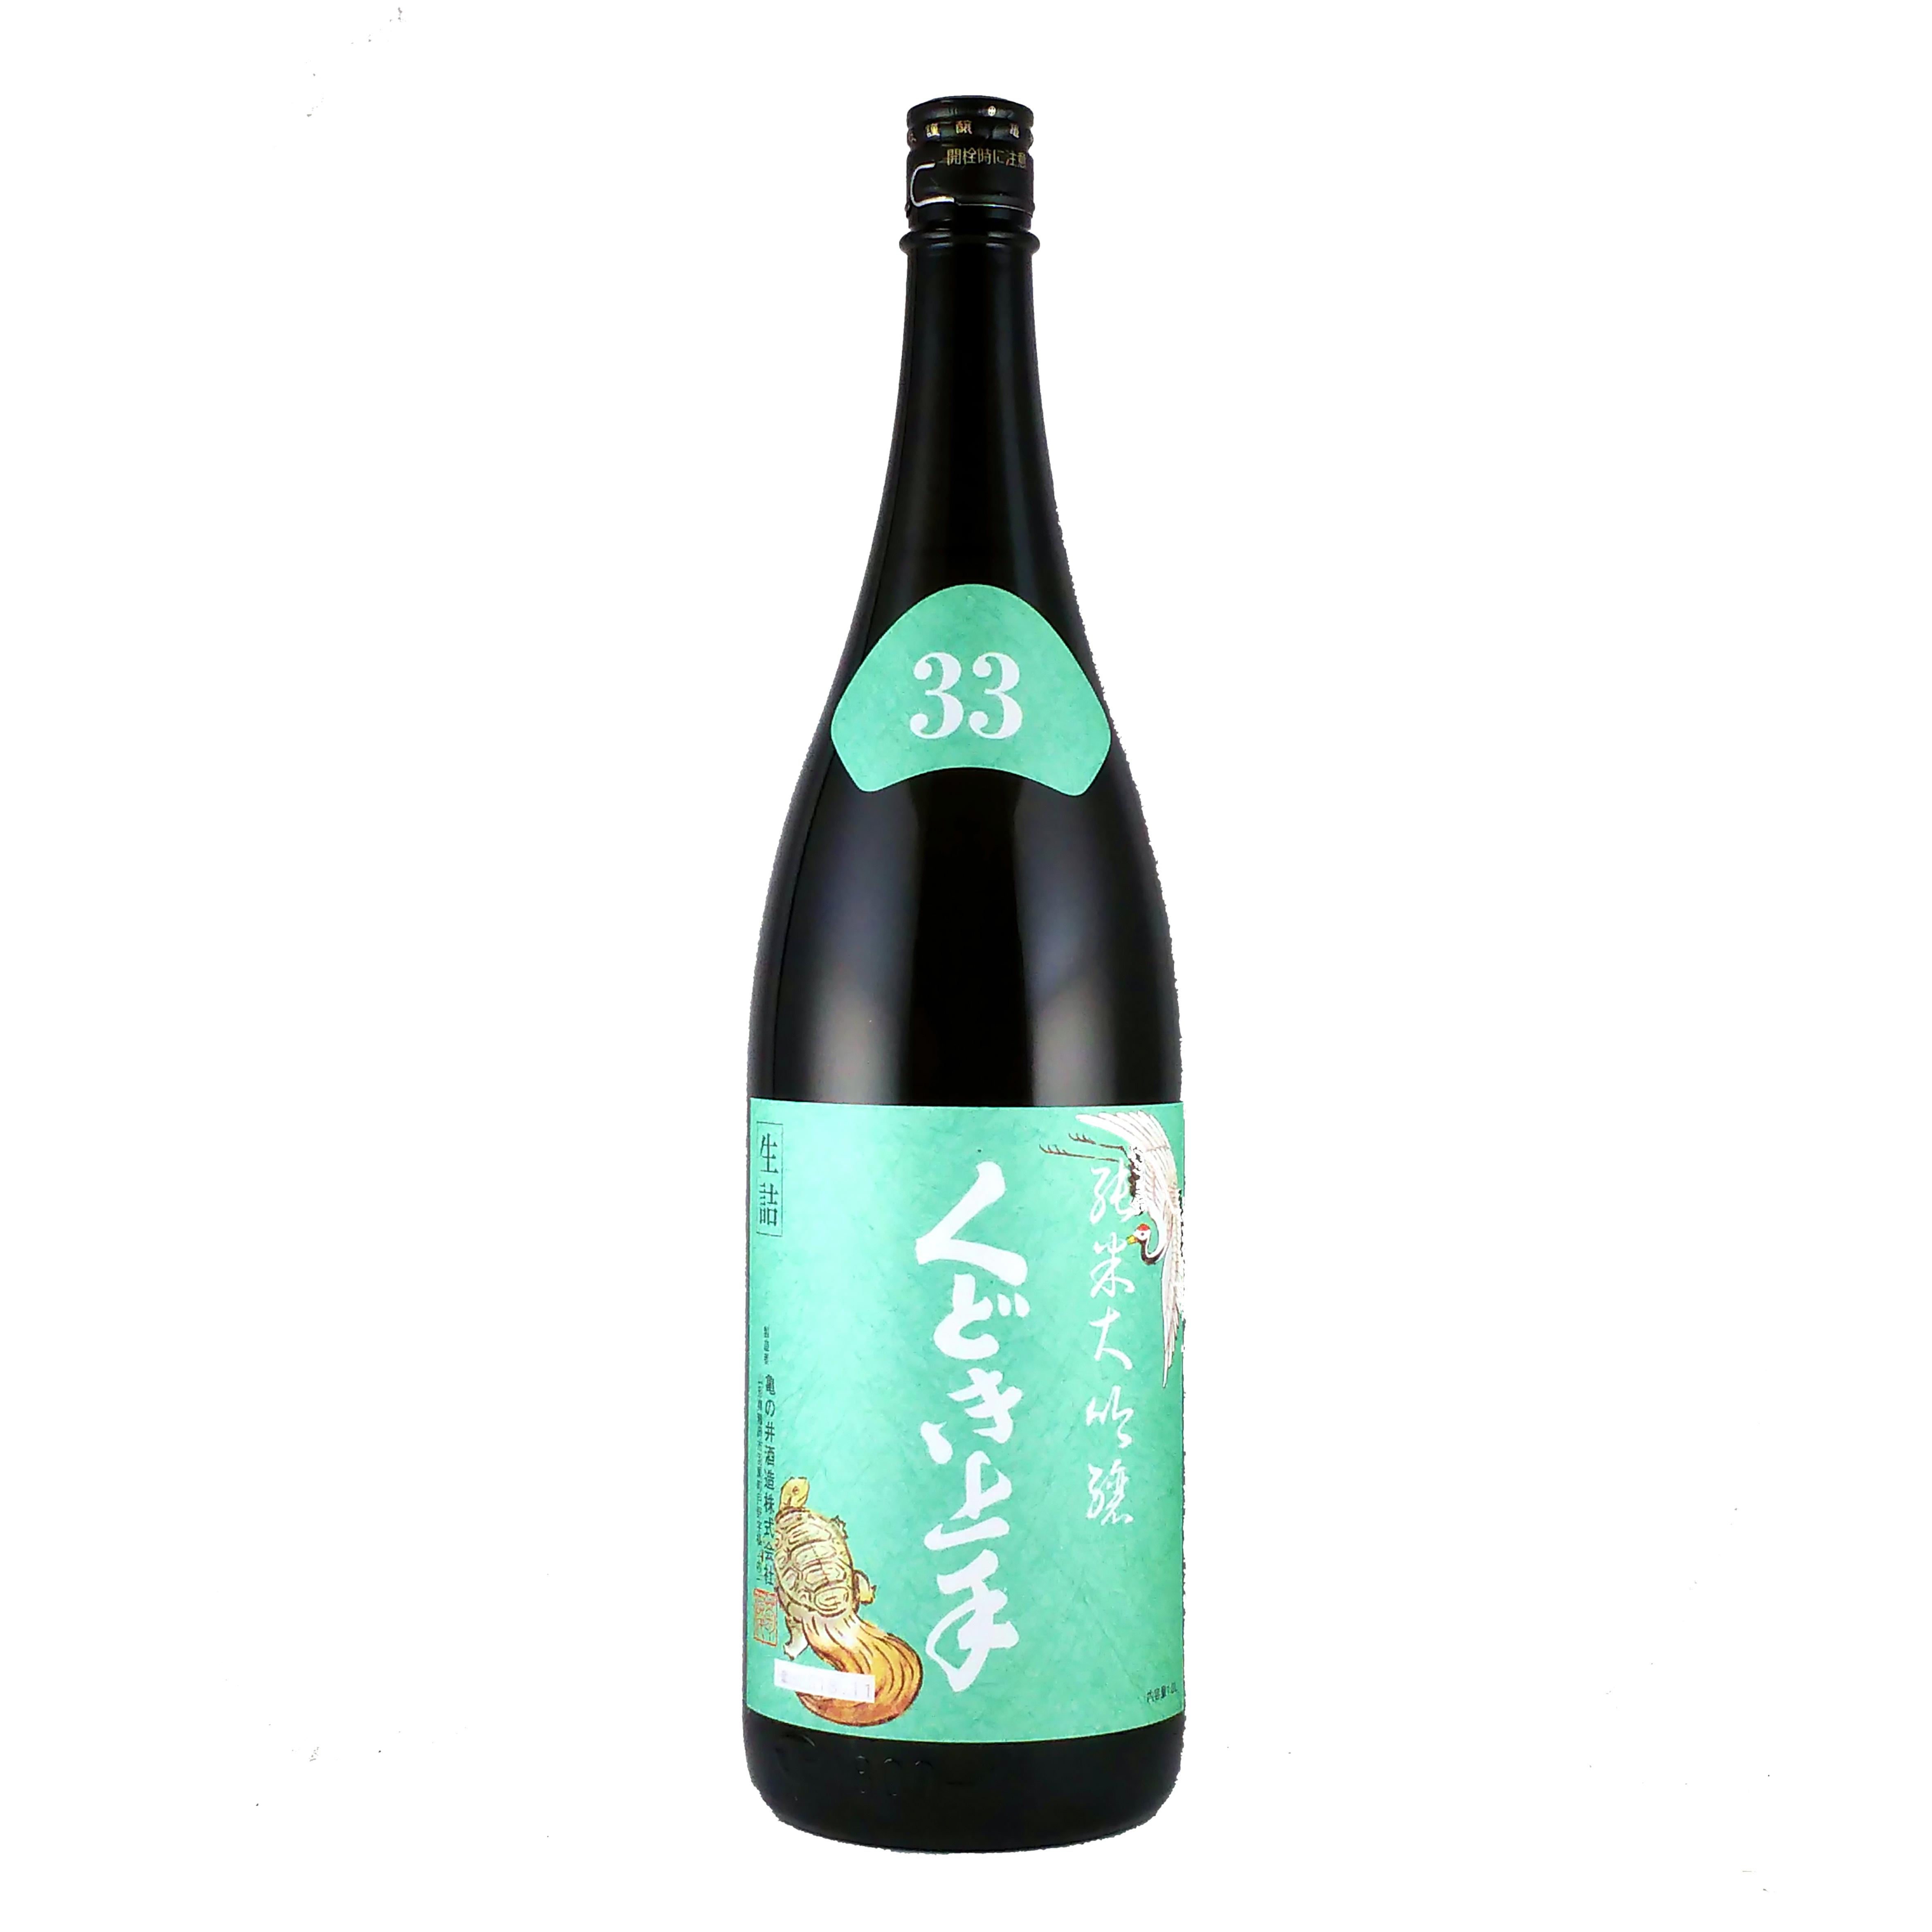 くどき上手 白鶴錦 純米大吟醸 磨き33%  1800ml